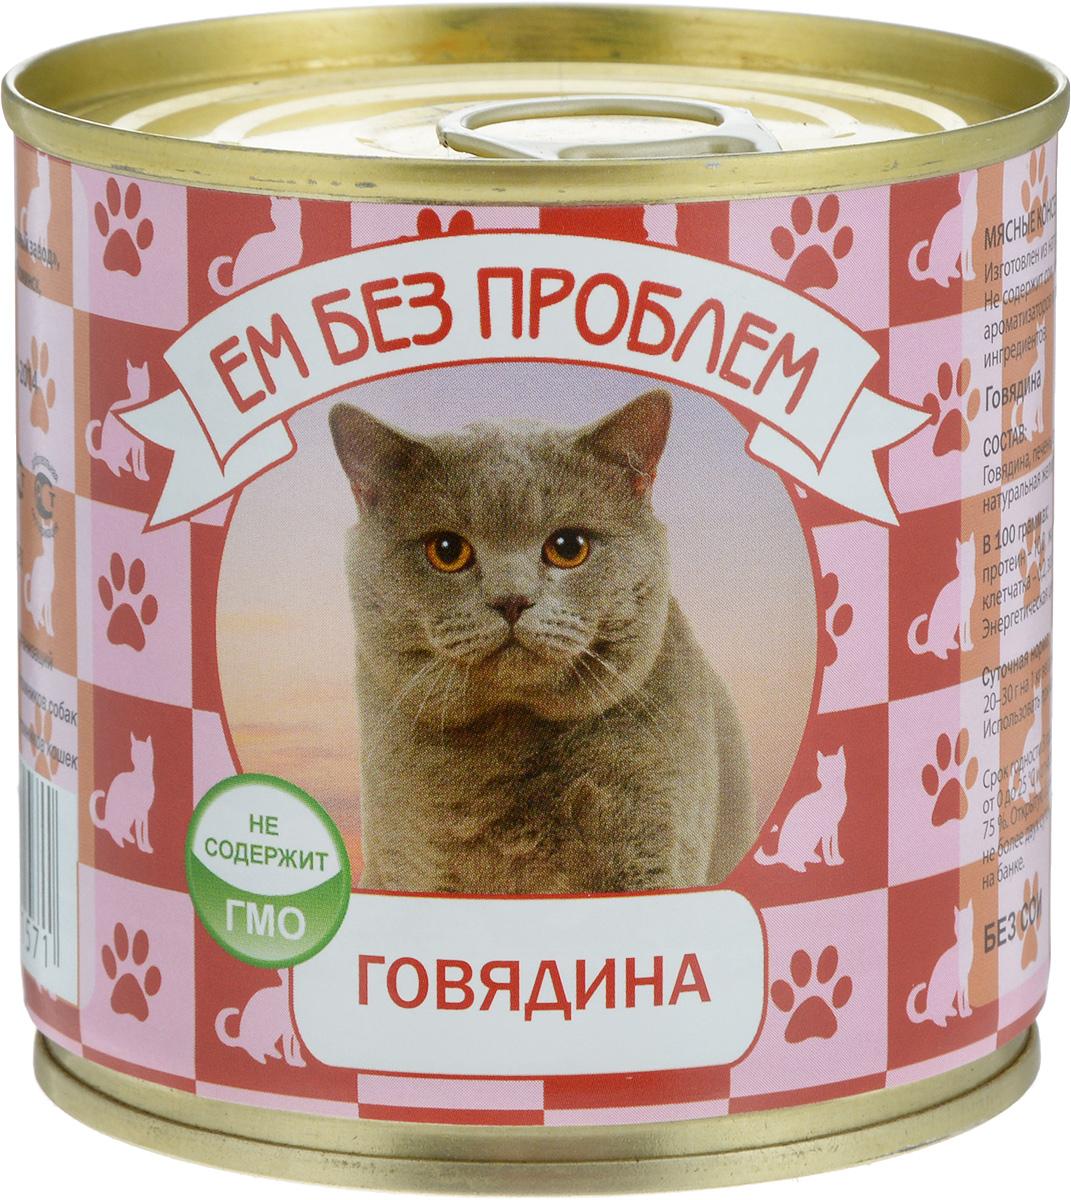 Консервы для кошек Ем без проблем, говядина, 250 г00-00001439Мясные консервы для кошек Ем без проблем изготовлены из натурального российского мяса. Не содержат сои, консервантов, красителей, ароматизаторов и генномодифицированных ингредиентов. Корм полностью удовлетворяет ежедневные энергетические потребности животного и обеспечивает оптимальное функционирование пищеварительной системы. Консервы Ем без проблем рекомендуется смешивать с кашами и овощами.Товар сертифицирован.Чем кормить пожилых кошек: советы ветеринара. Статья OZON Гид